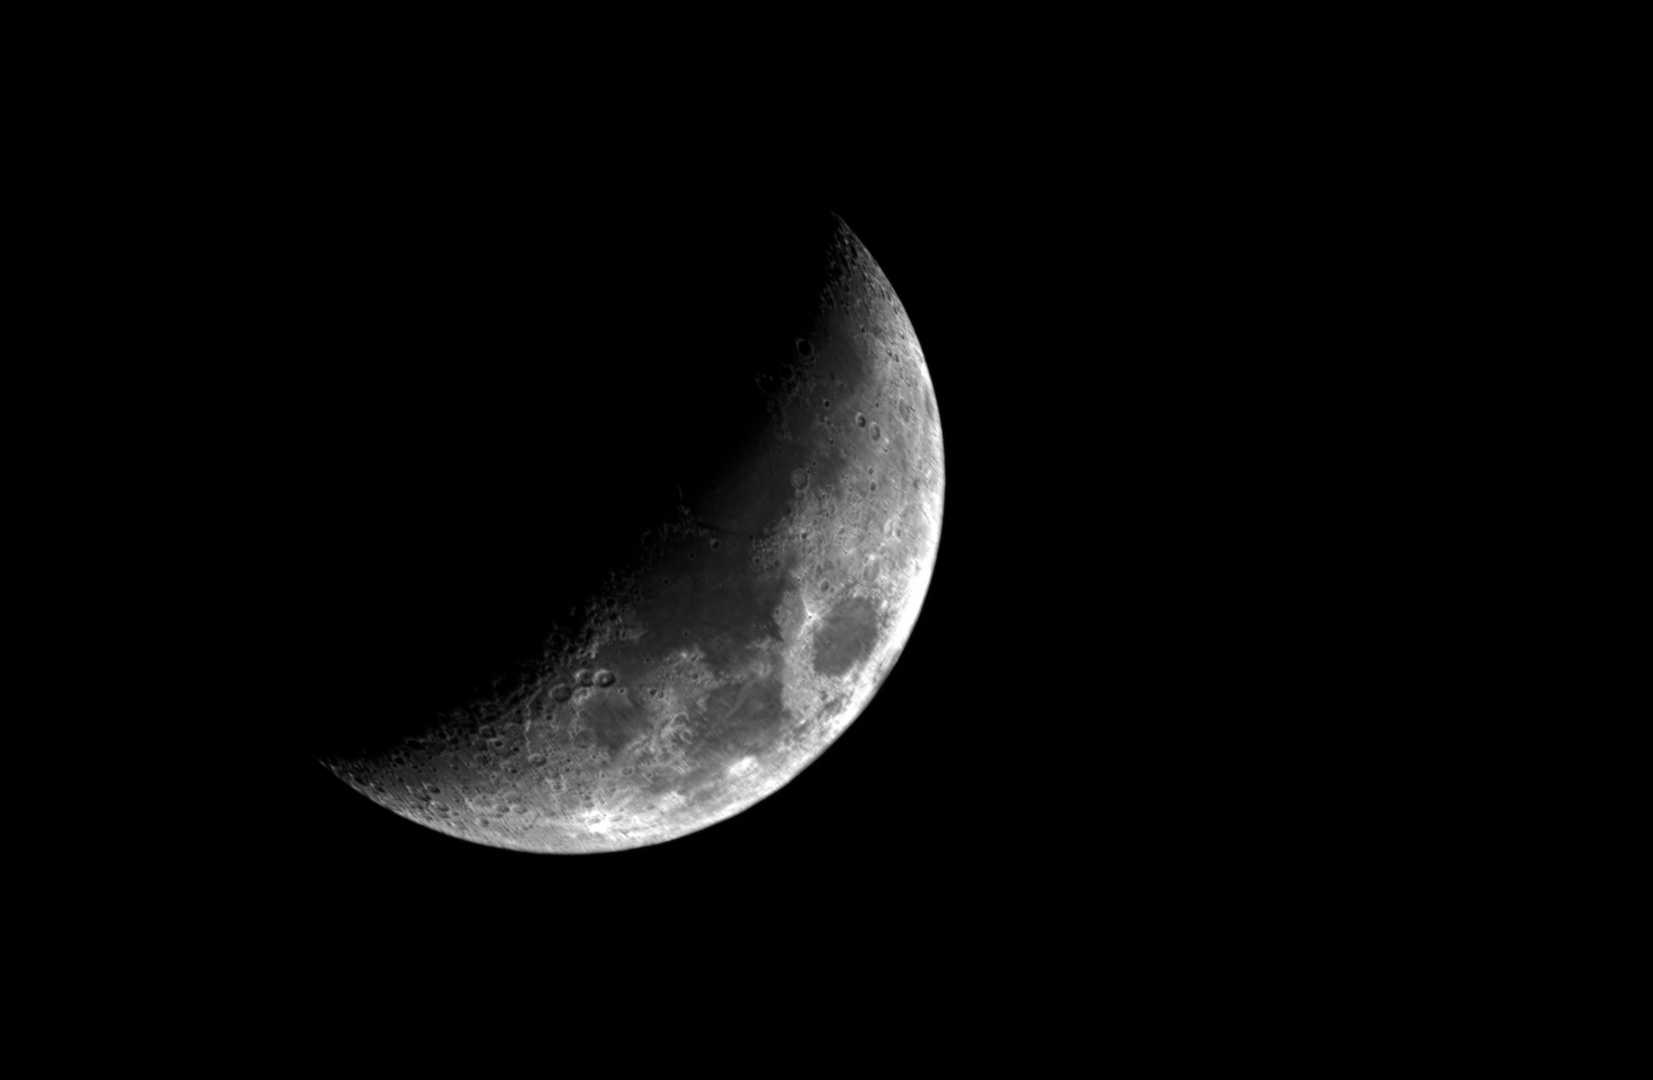 6-Tage-Mond vom 01.01.2020